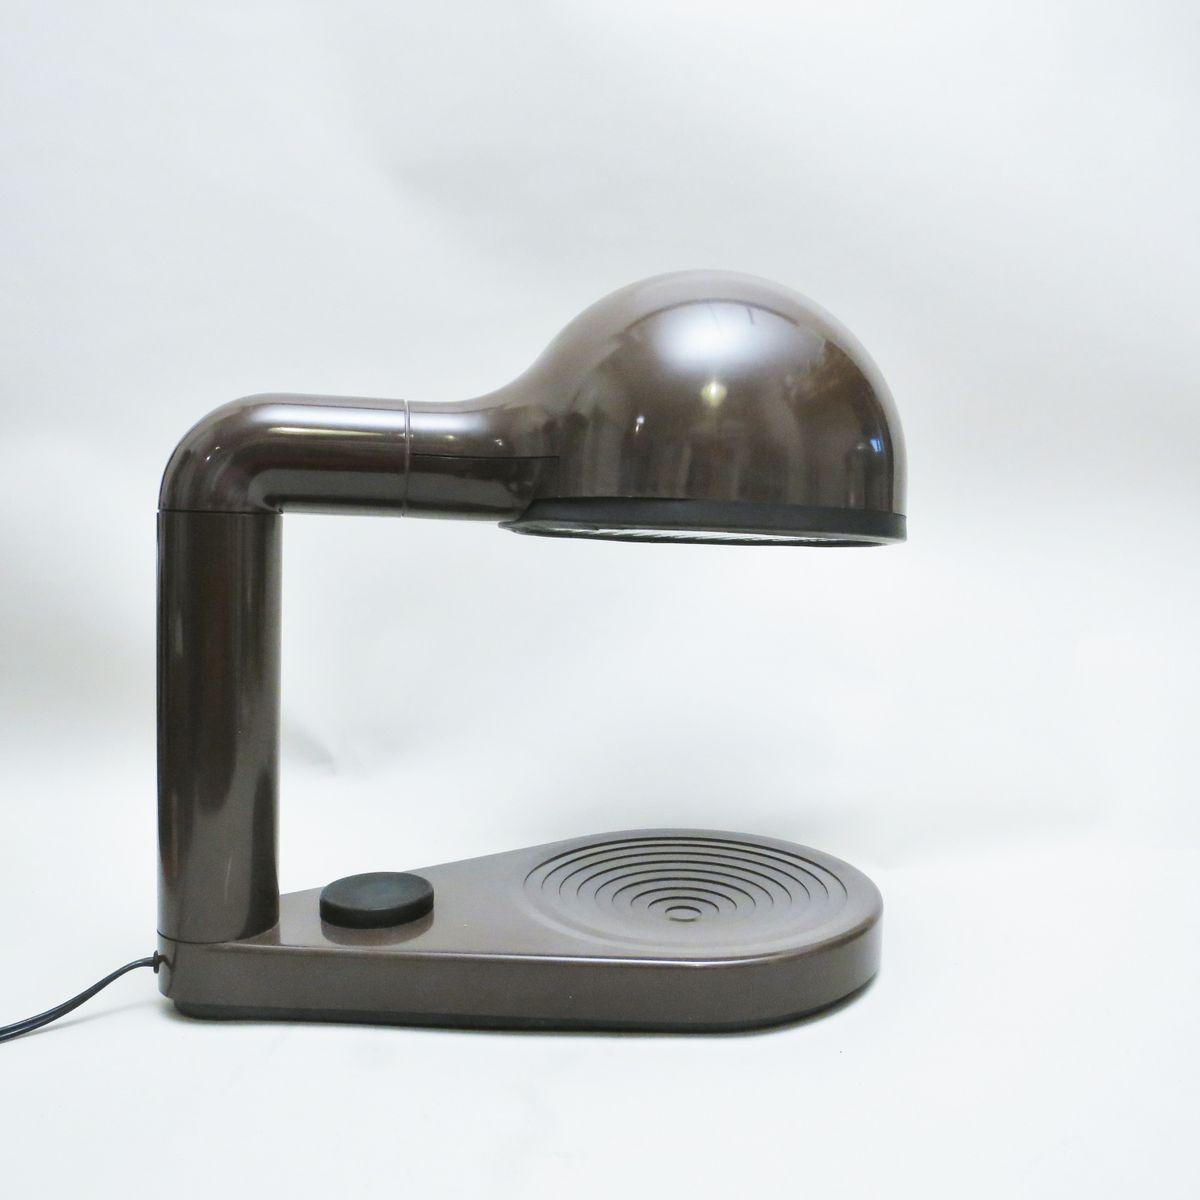 Drive Tischlampe von Adalberto Dal Lago für Bieffeplast, 1974